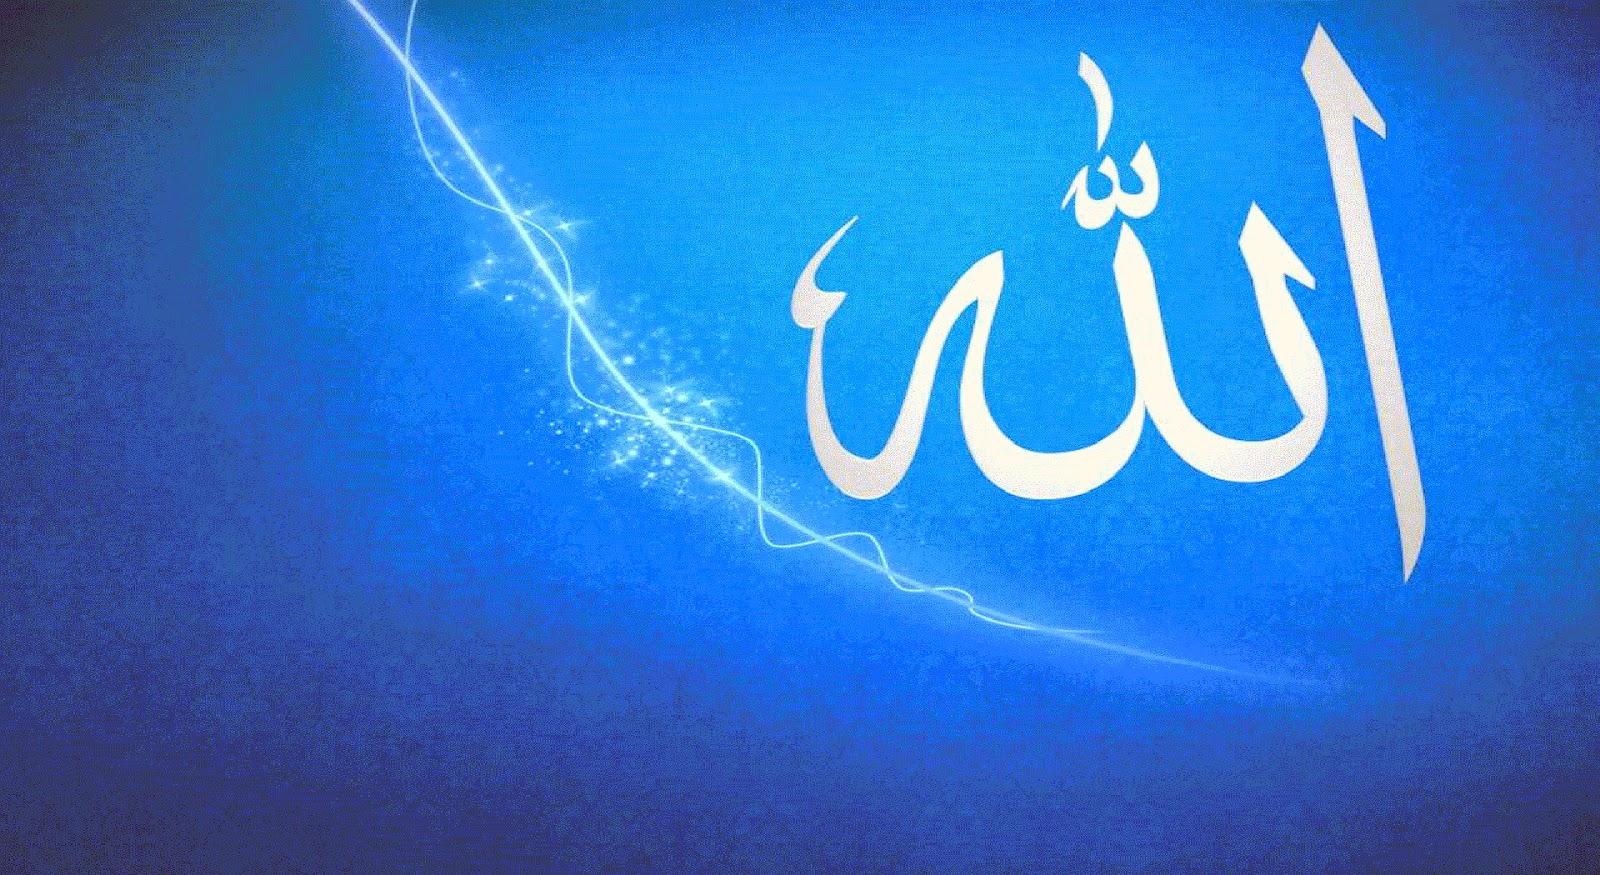 Bumblebee Car Wallpaper Download Allinallwalls Allah Name Desktop Wallpaper Allah Hd